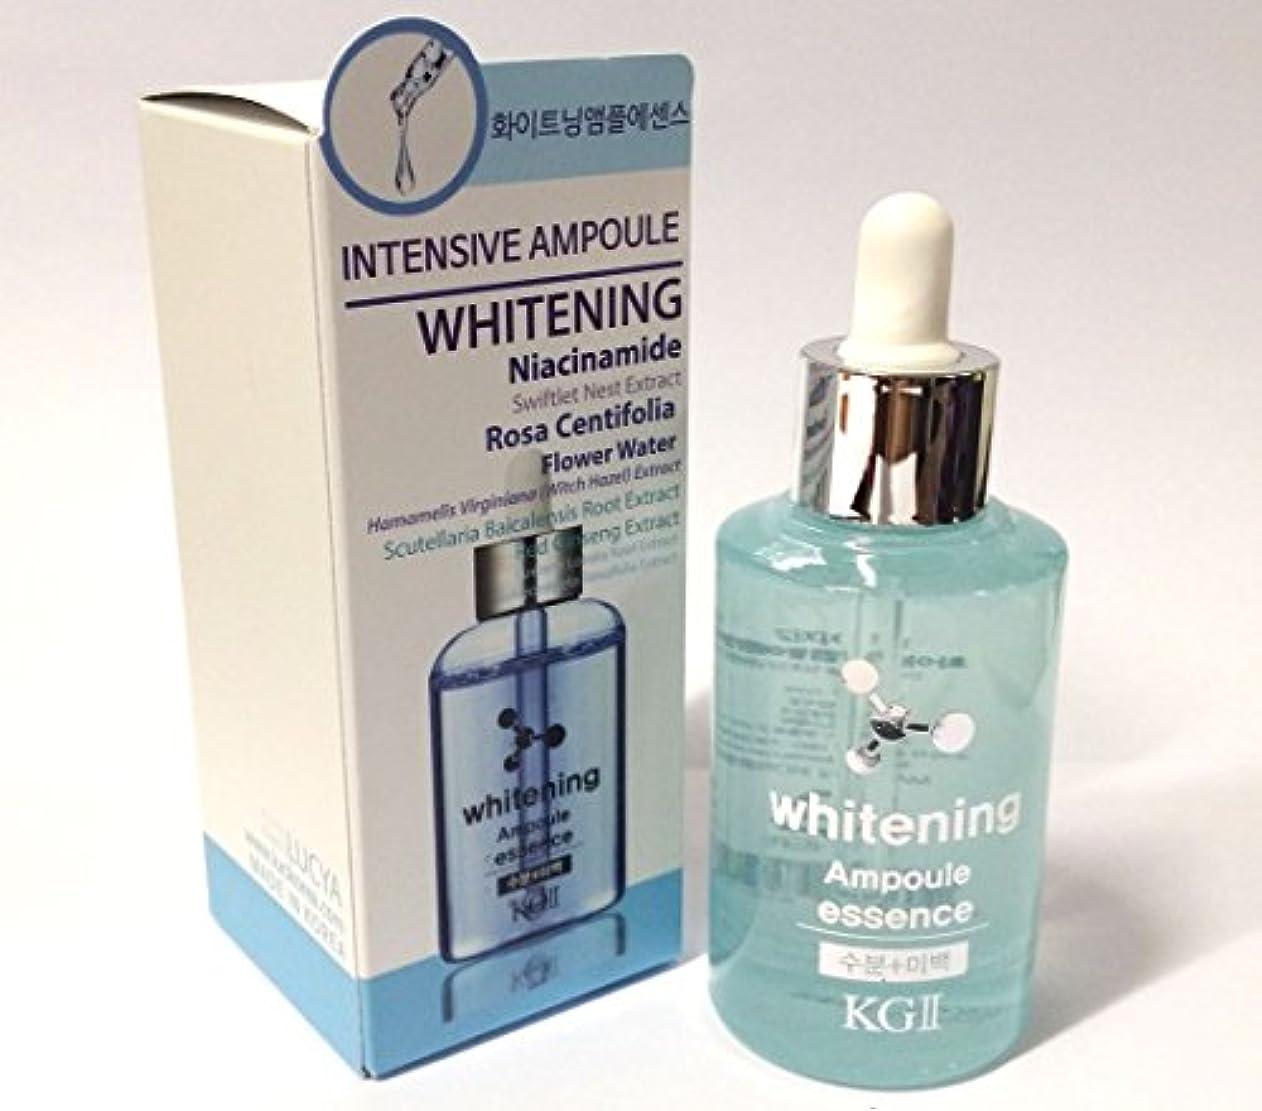 はっきりと急襲元気[KG2] インテンシブホワイトニングエンプレスエッセンス50ml/Intensive whitening Ampoule Essence 50ml/湿気、美白/韓国化粧品/moisture, whitening/Korean...